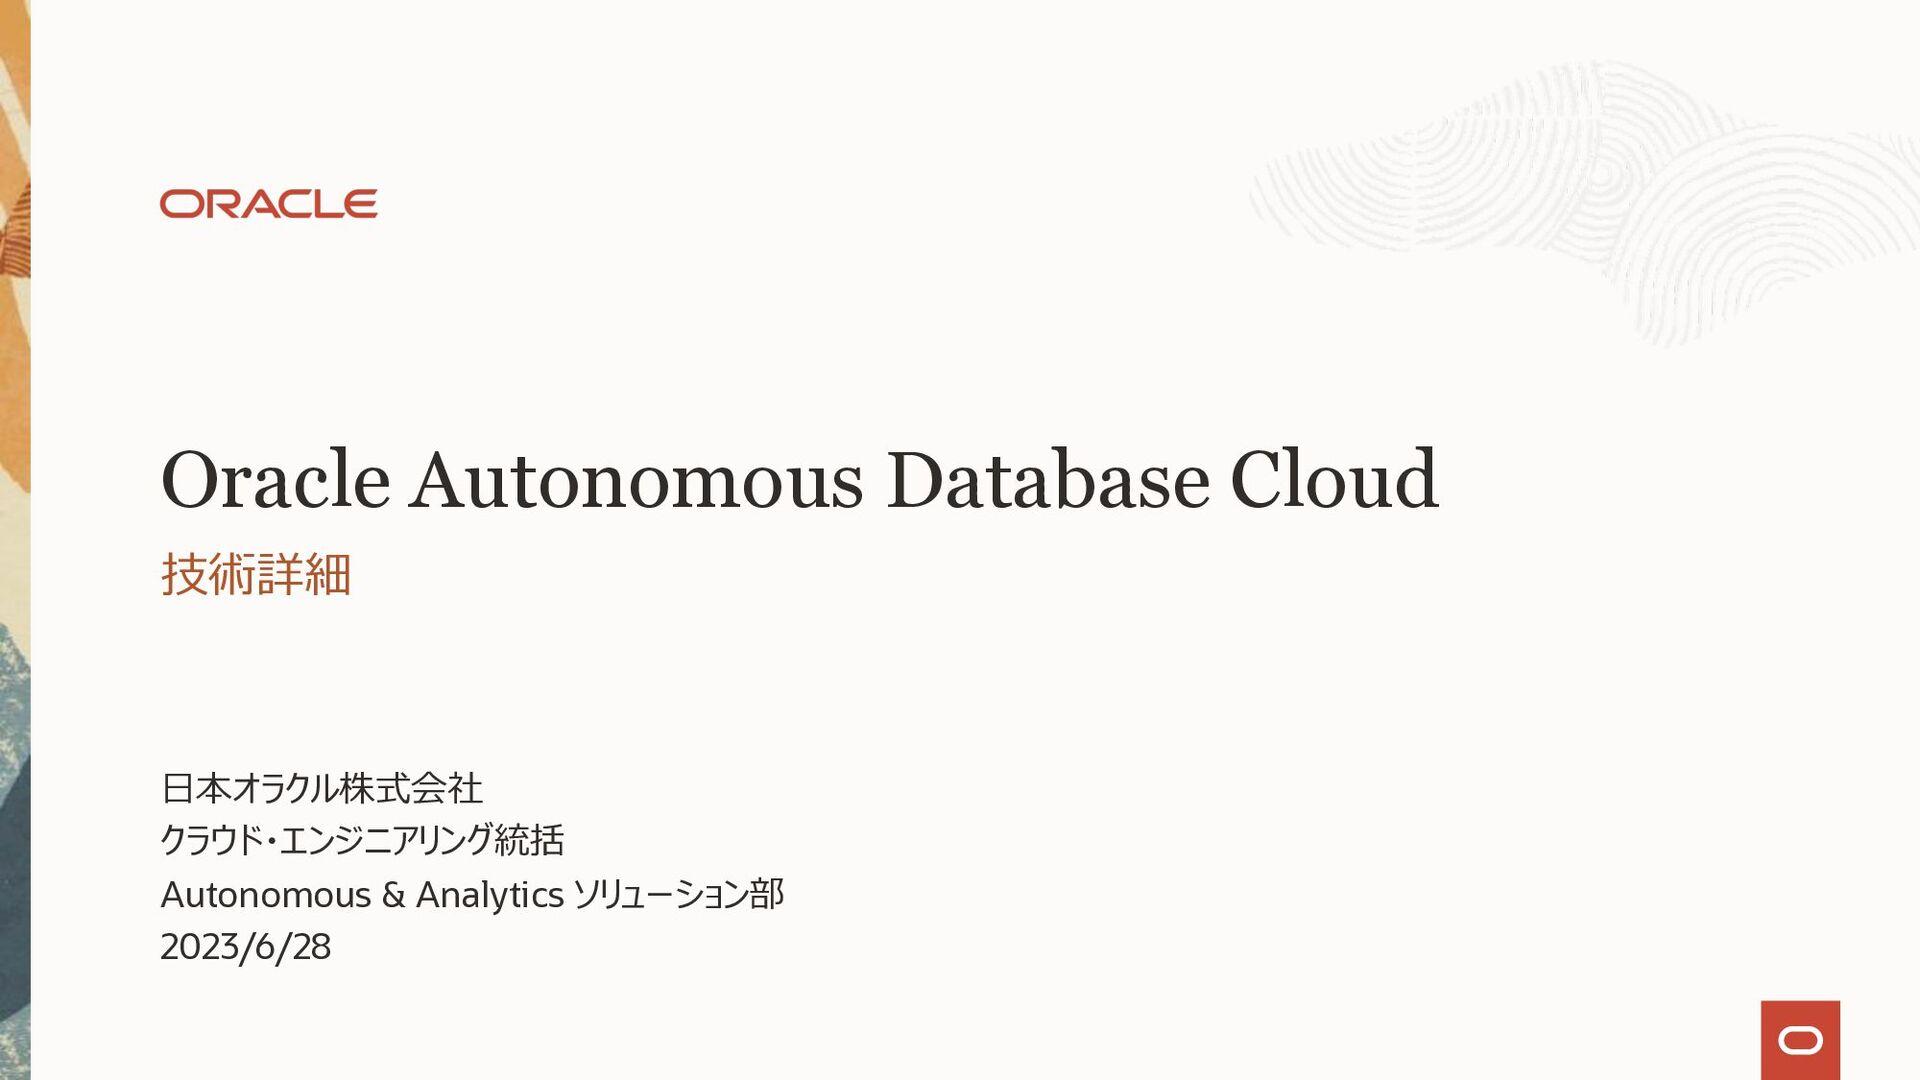 日本オラクル株式会社 2020/07/27 技術詳細 Oracle Autonomous Da...